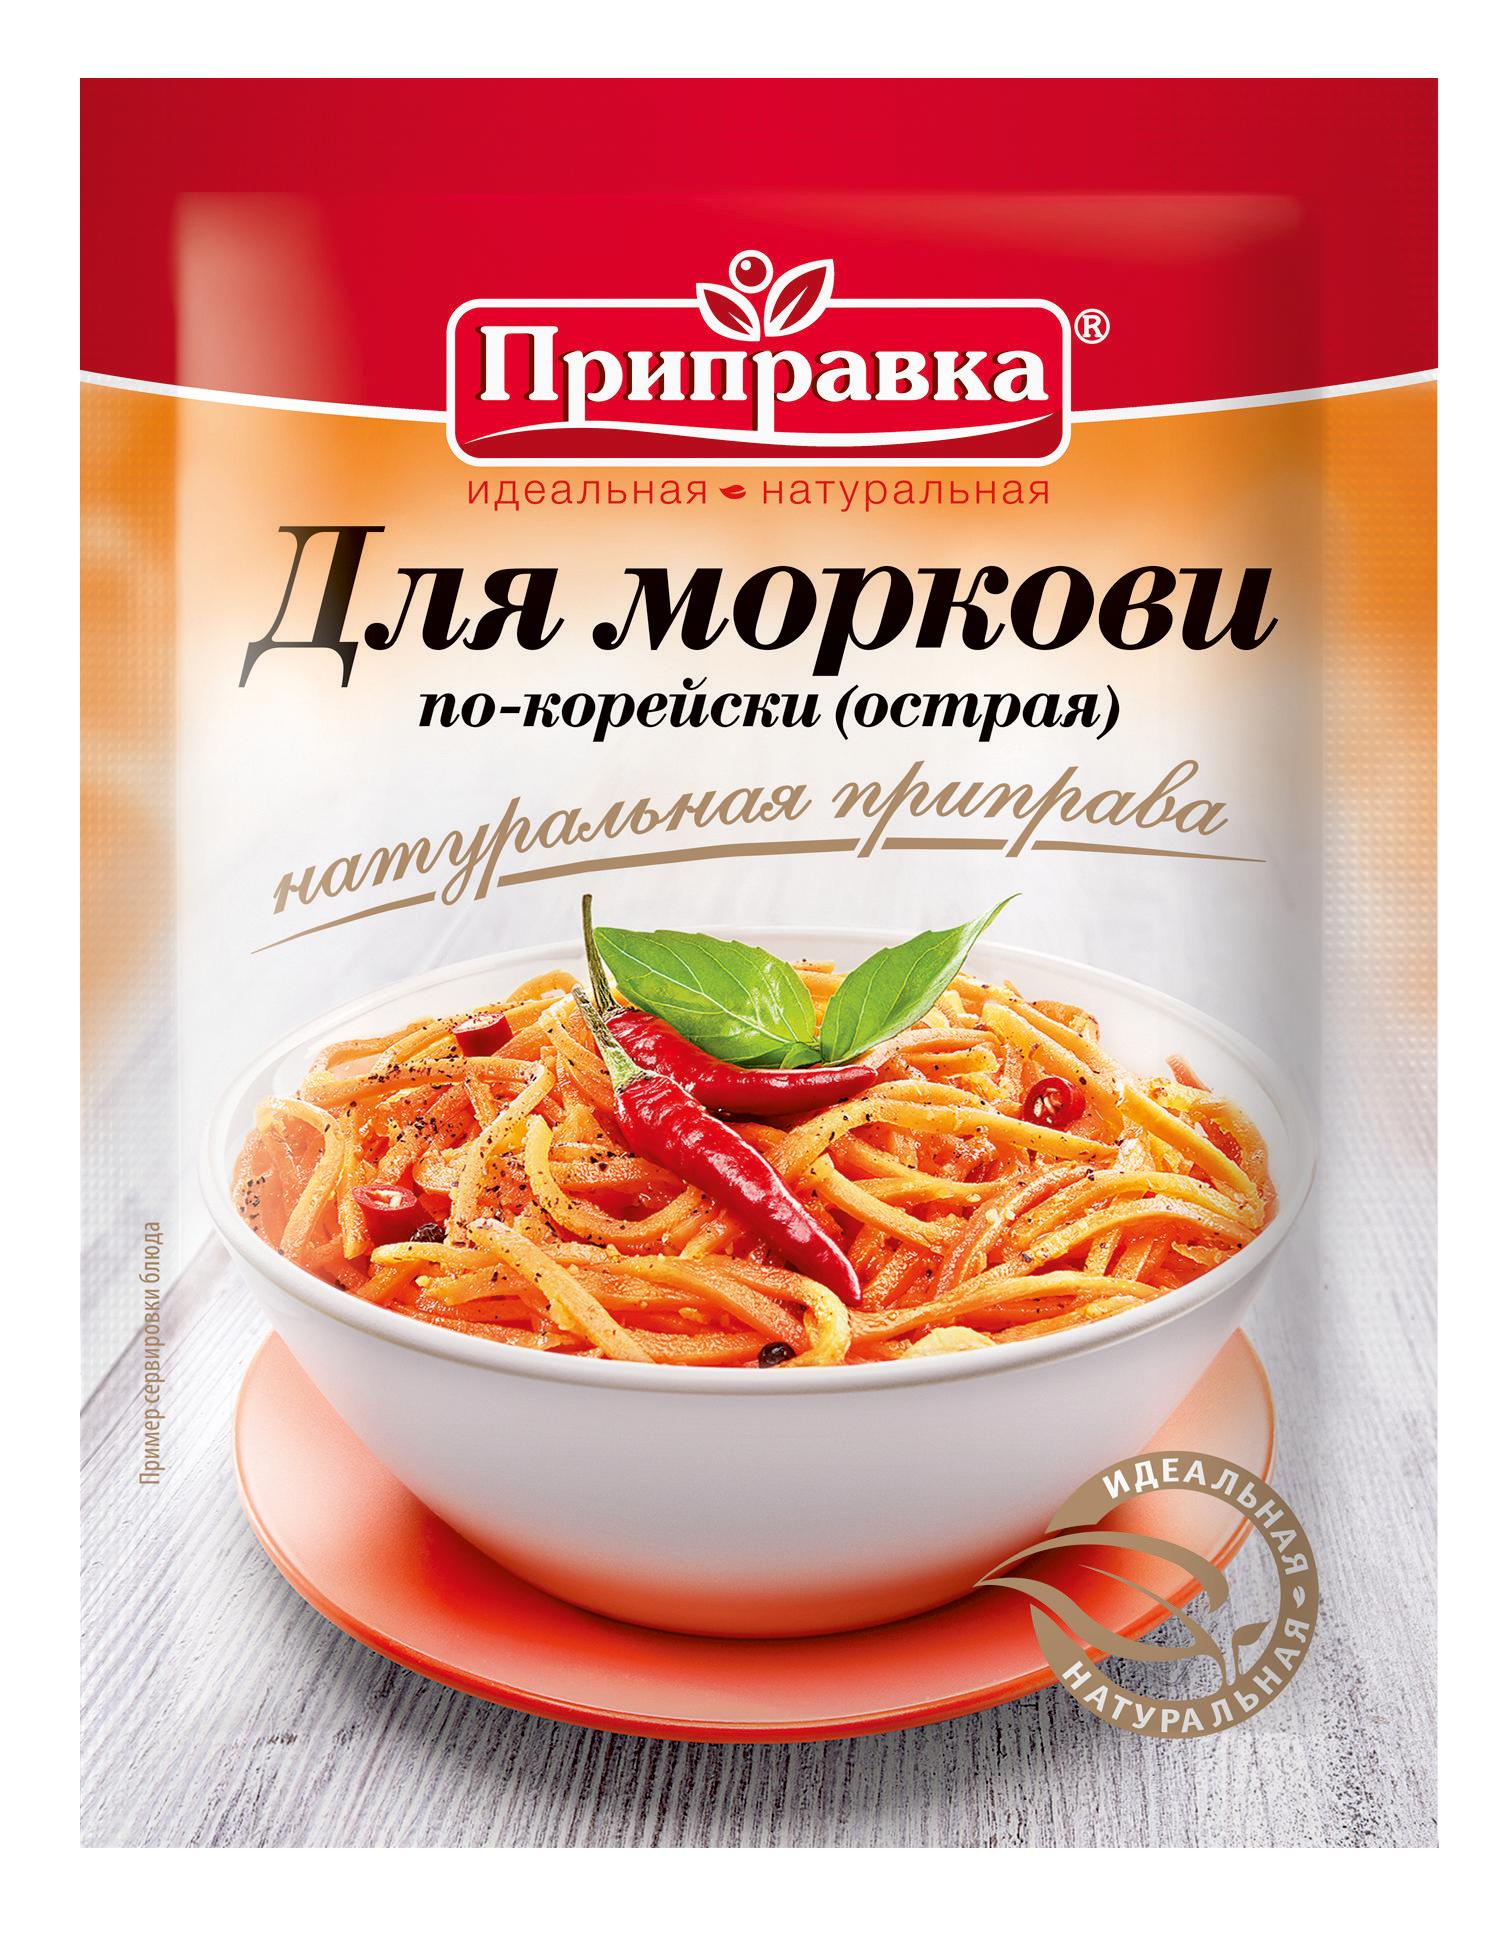 Натуральная приправа для моркови по-корейски (острая) 25г